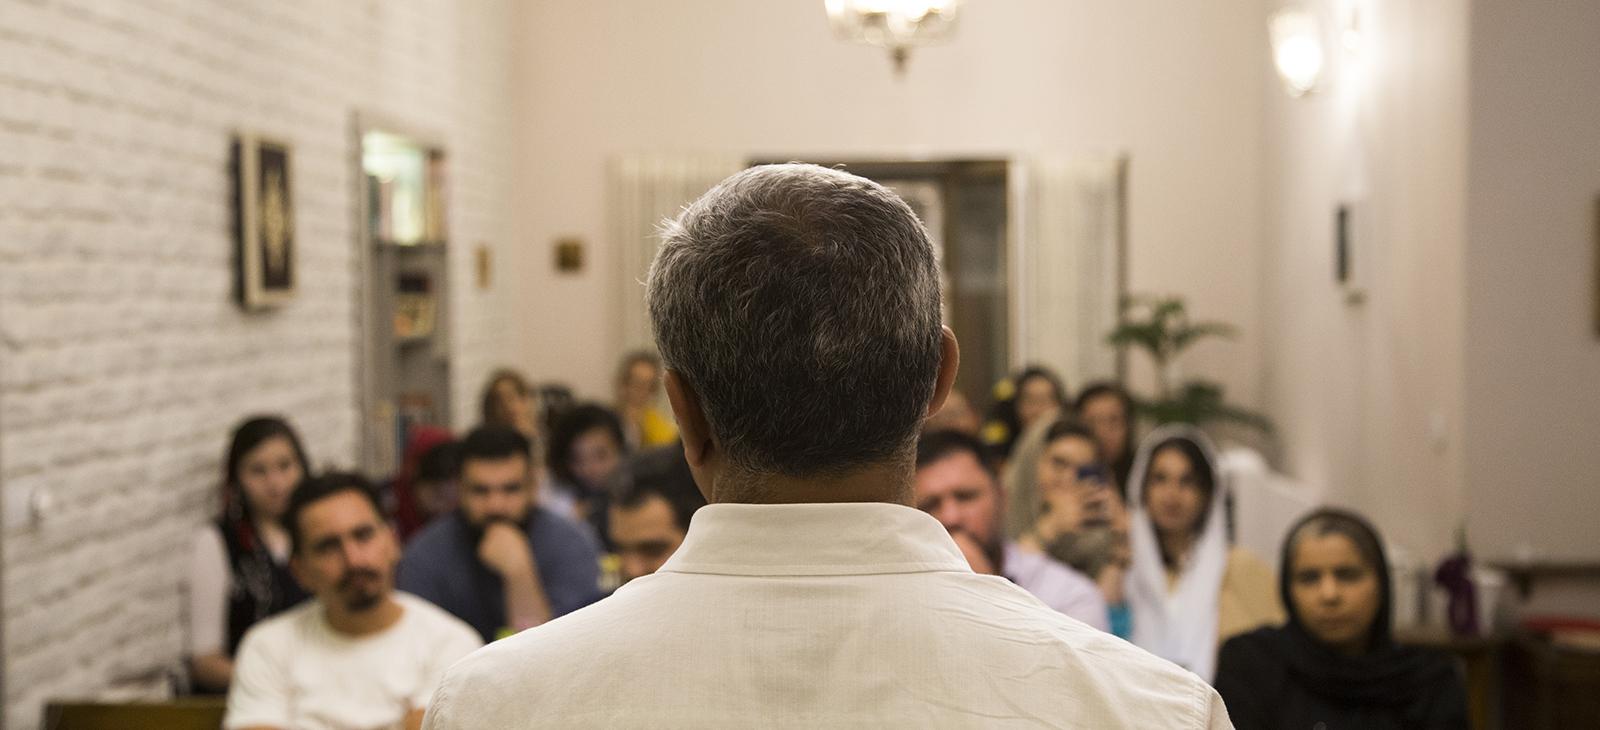 آرش نورآقایی استاد گردشگری